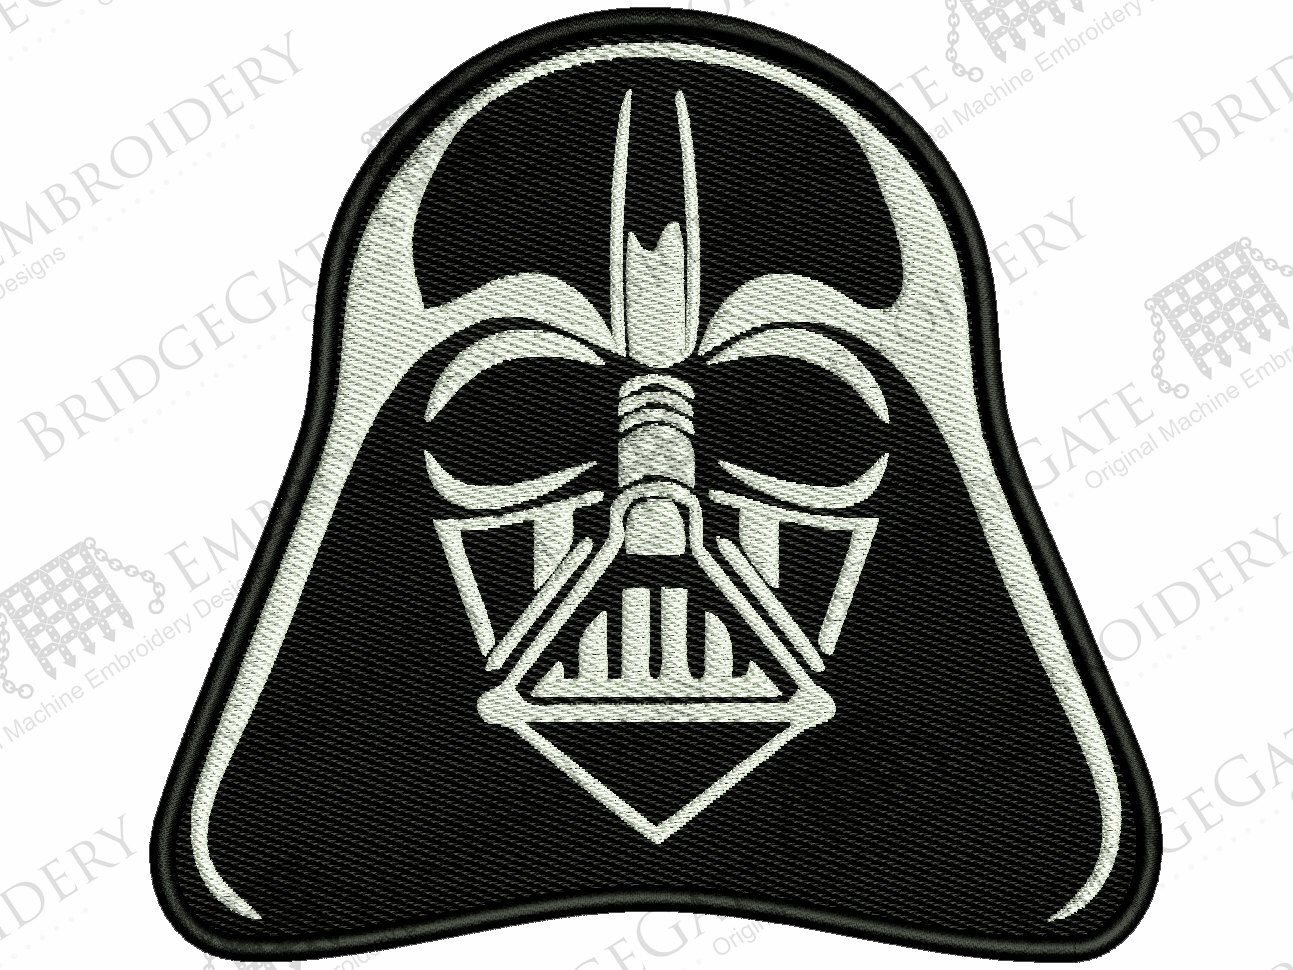 Darth Vader Star Wars Embroidery Design 10 File Formats 8 Sizes Digital File Instant Download